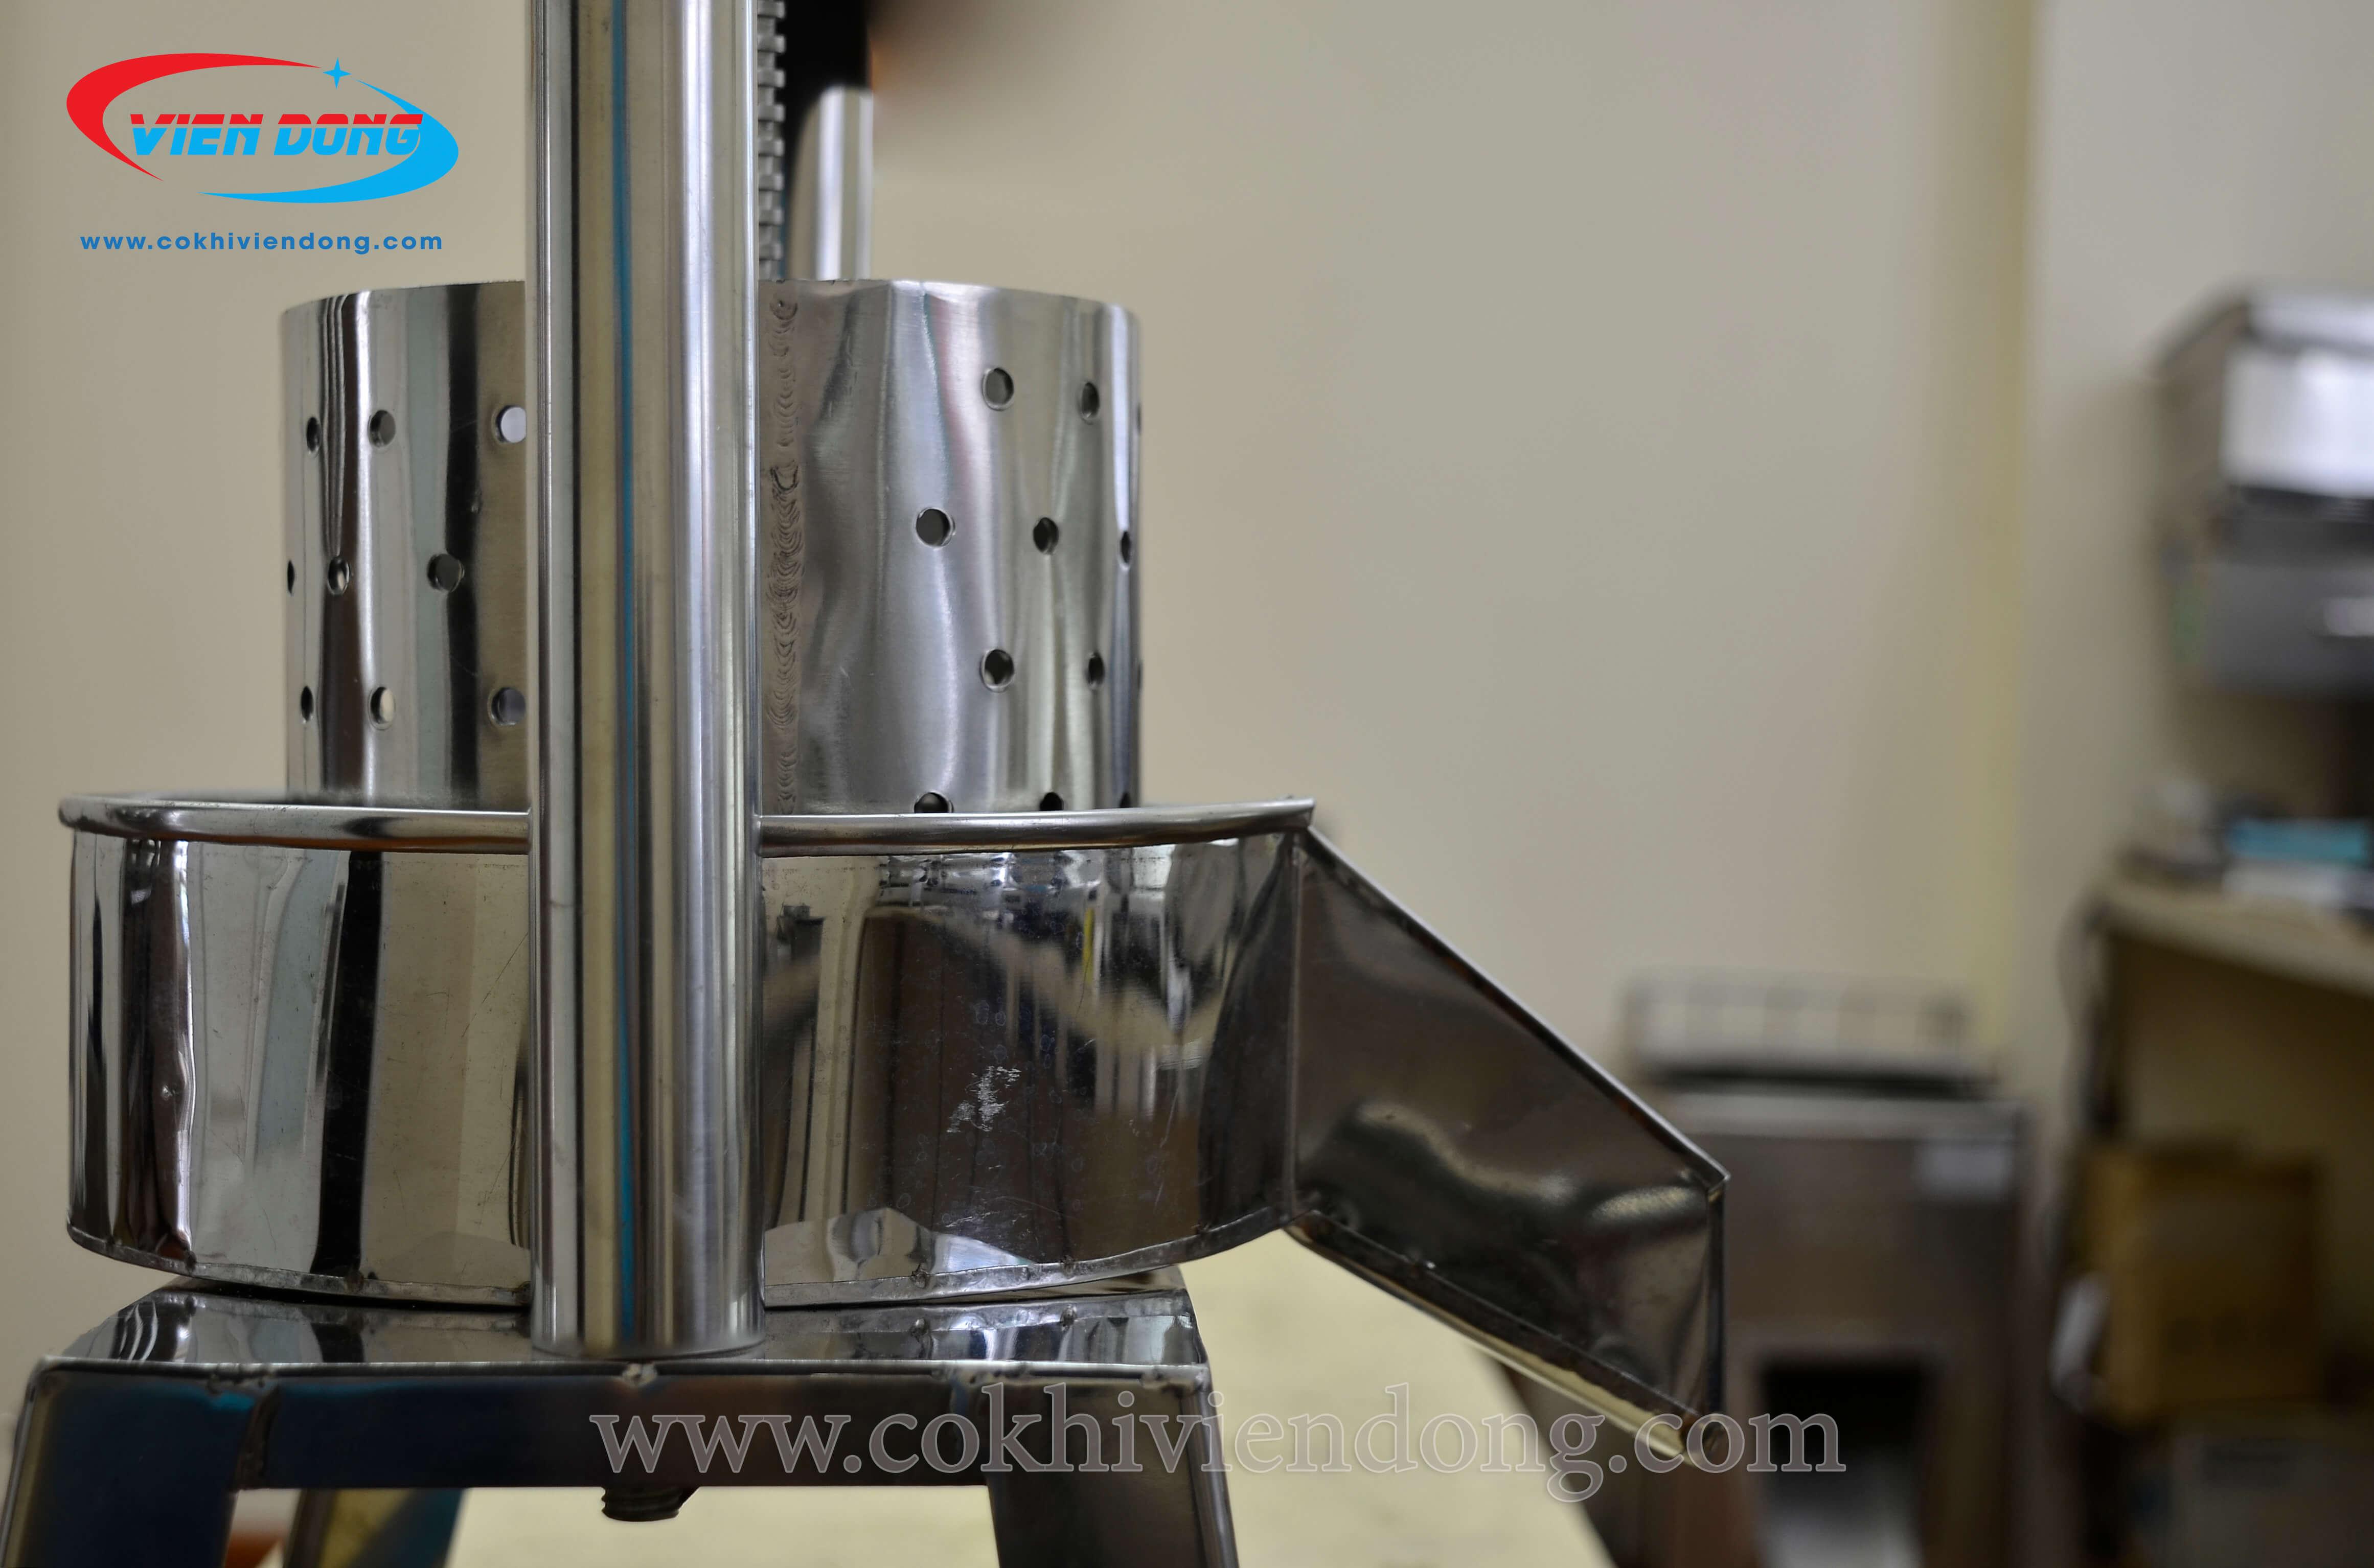 Máy vắt nước cốt dừa dùng tay 1.5Kg